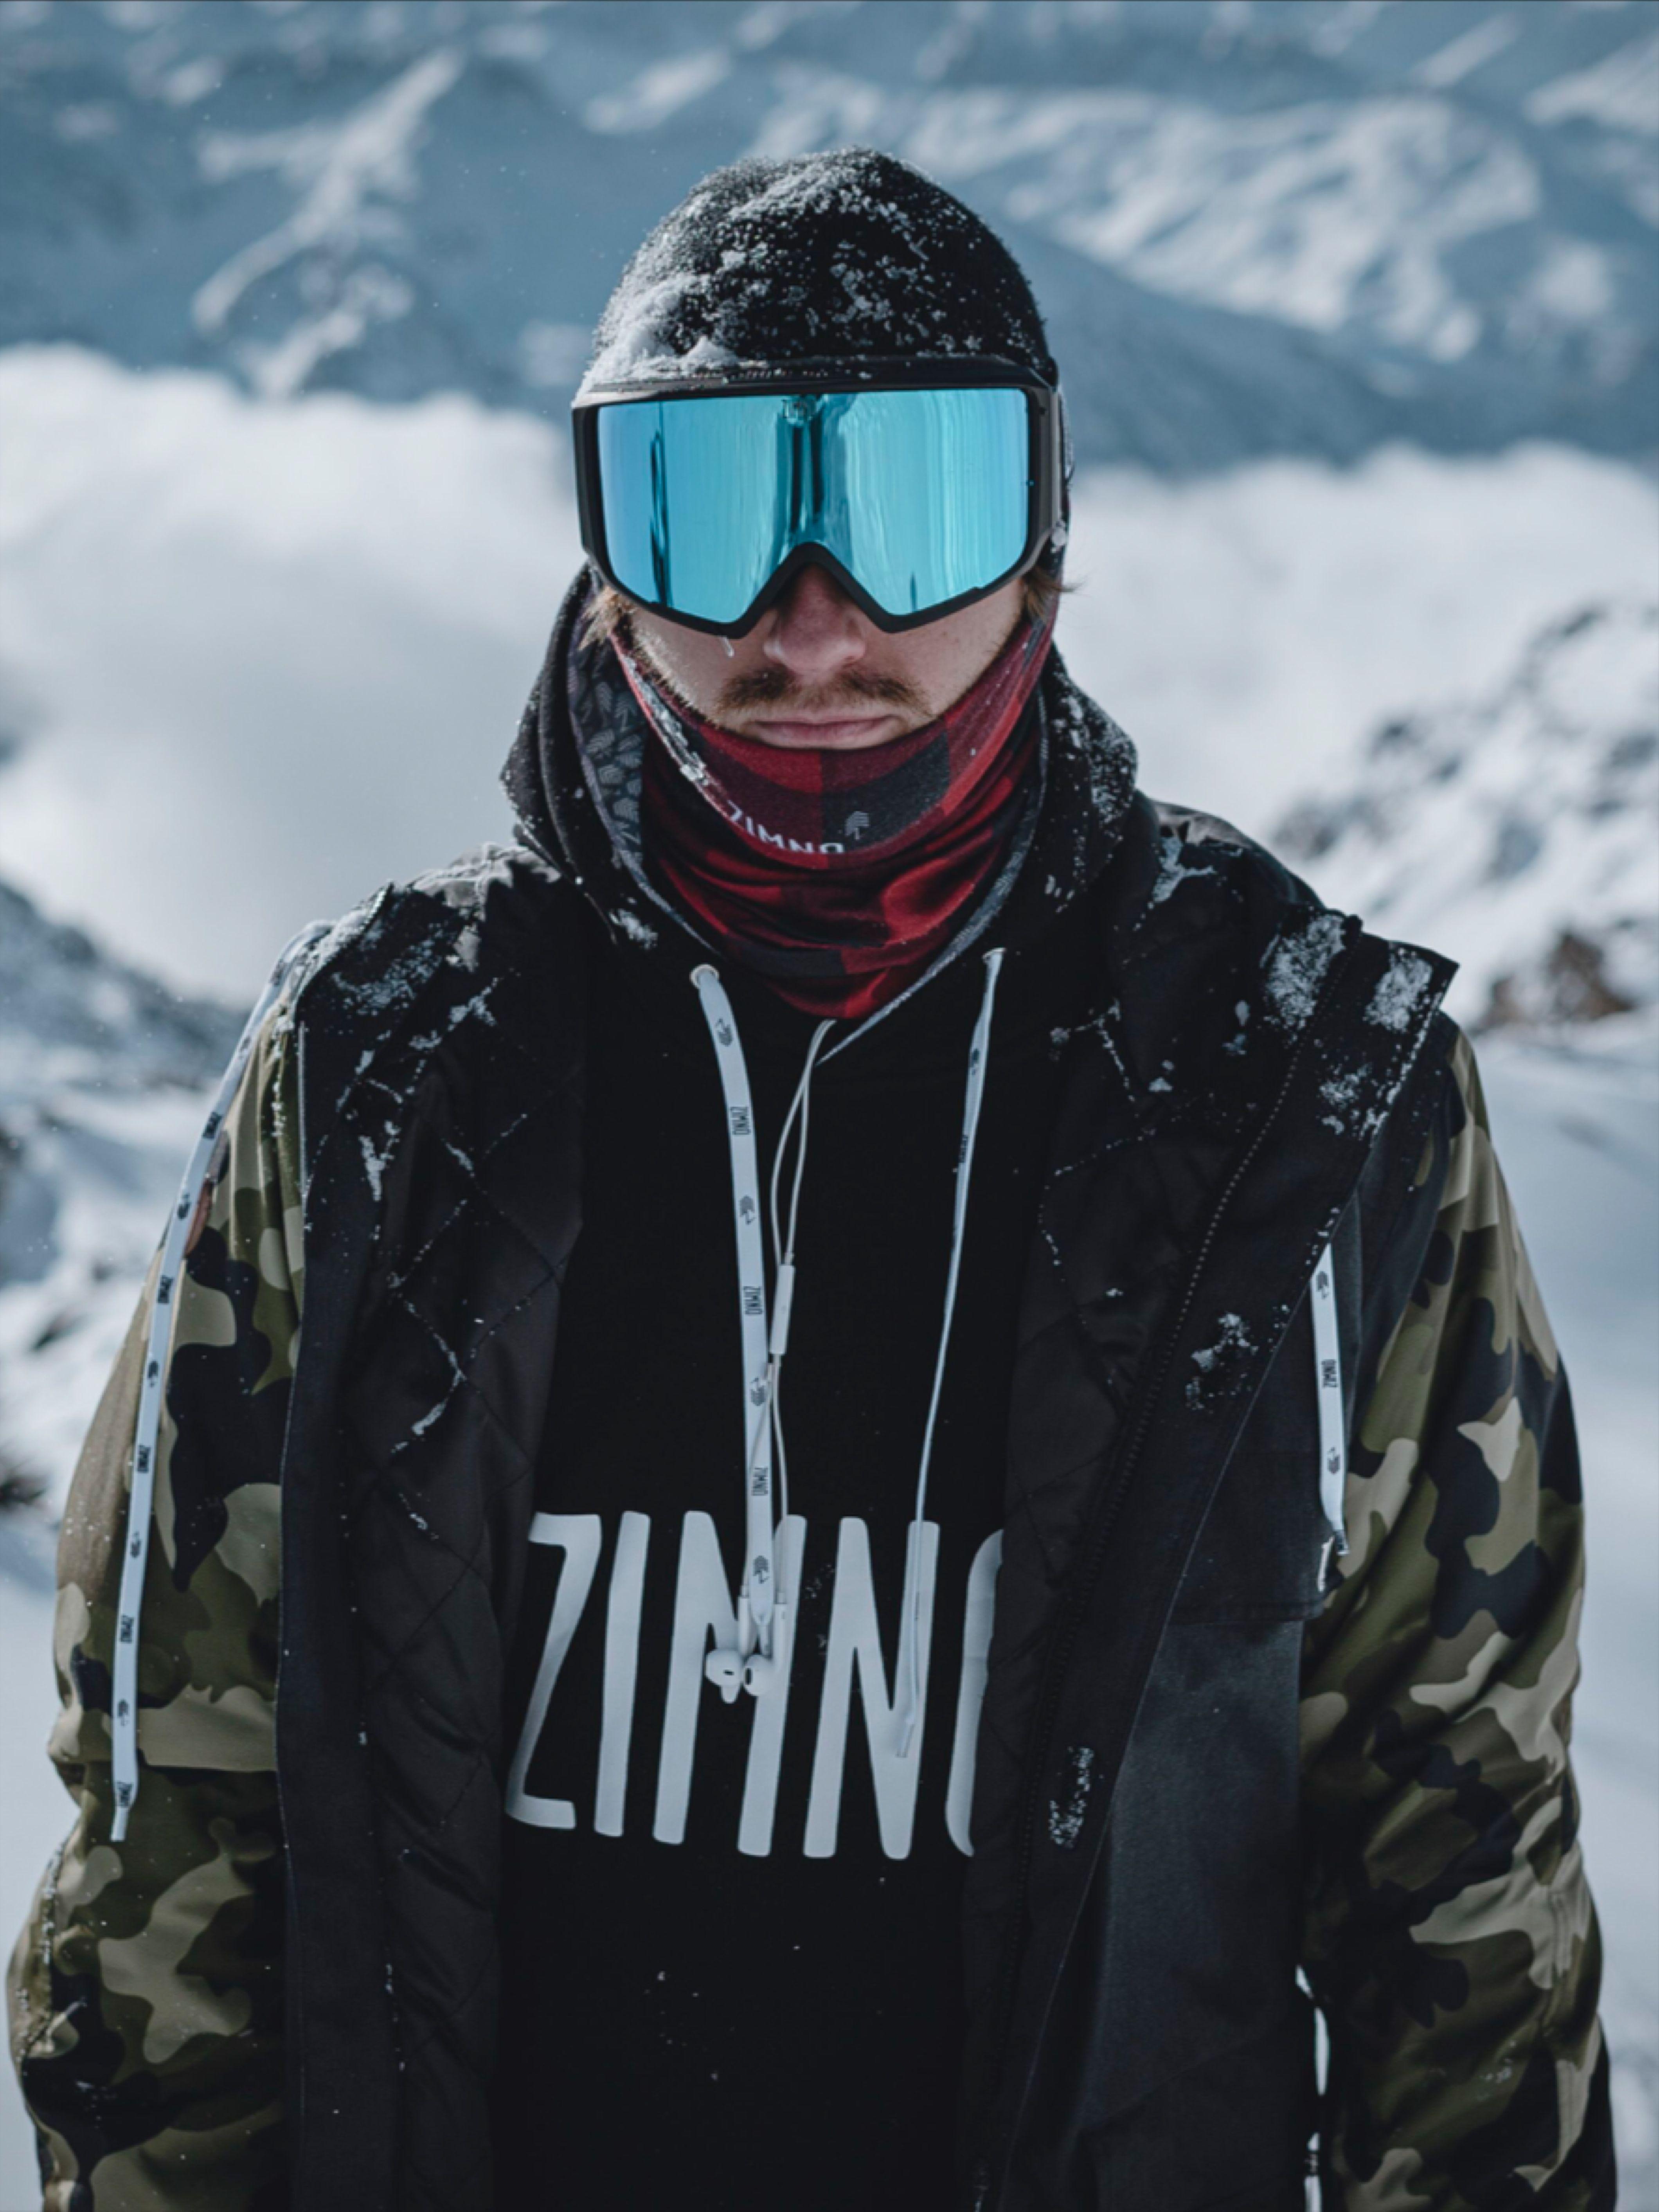 Kurtka Moro Zimno Athletic Jacket Puma Jacket Jackets